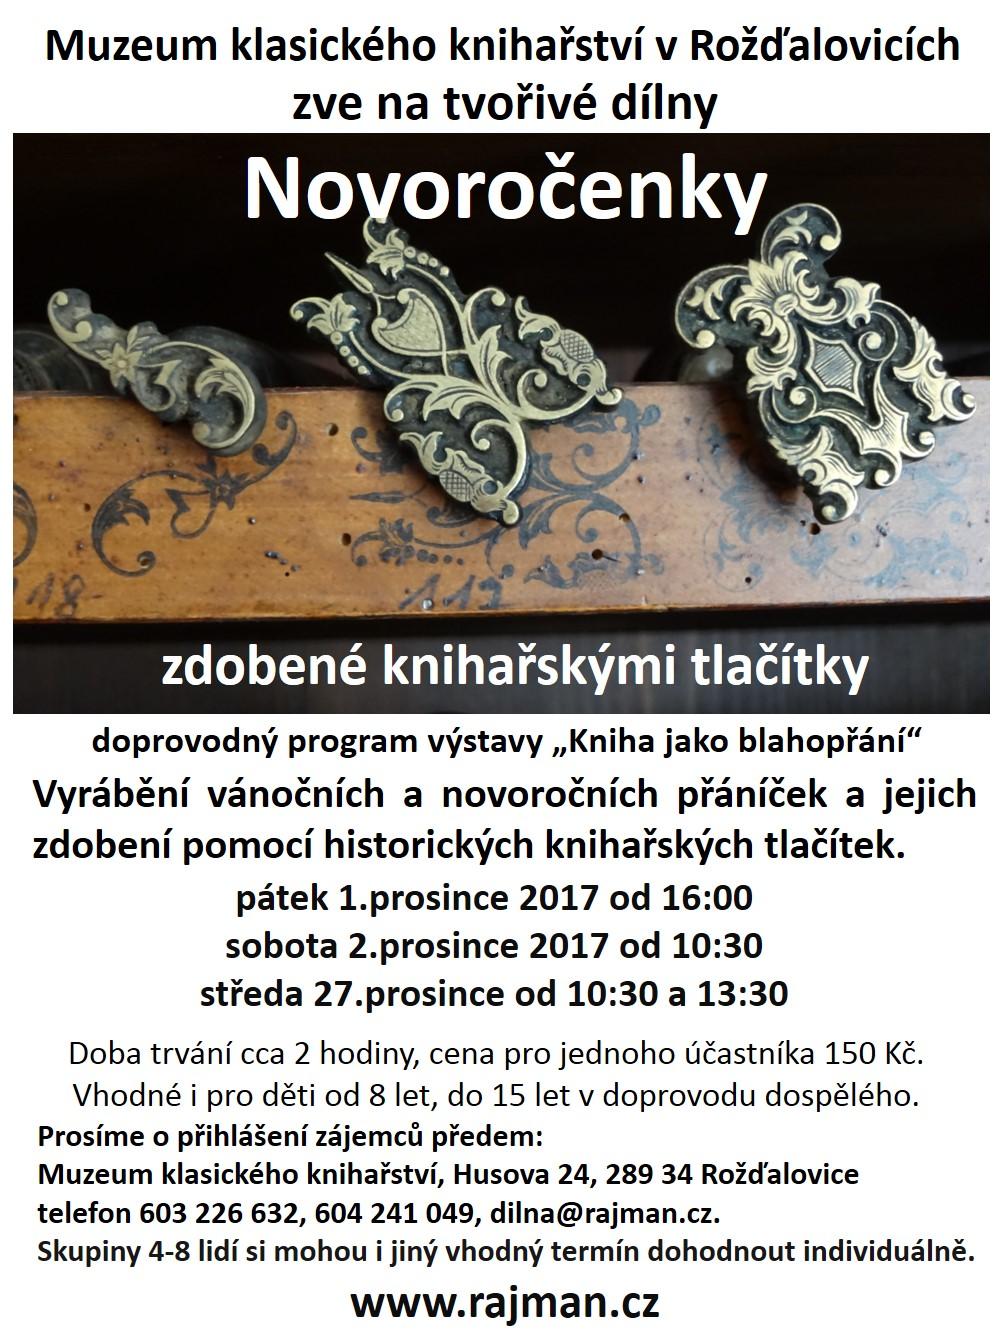 Pozvánka na workshop zdobení knihařskými tlačítky